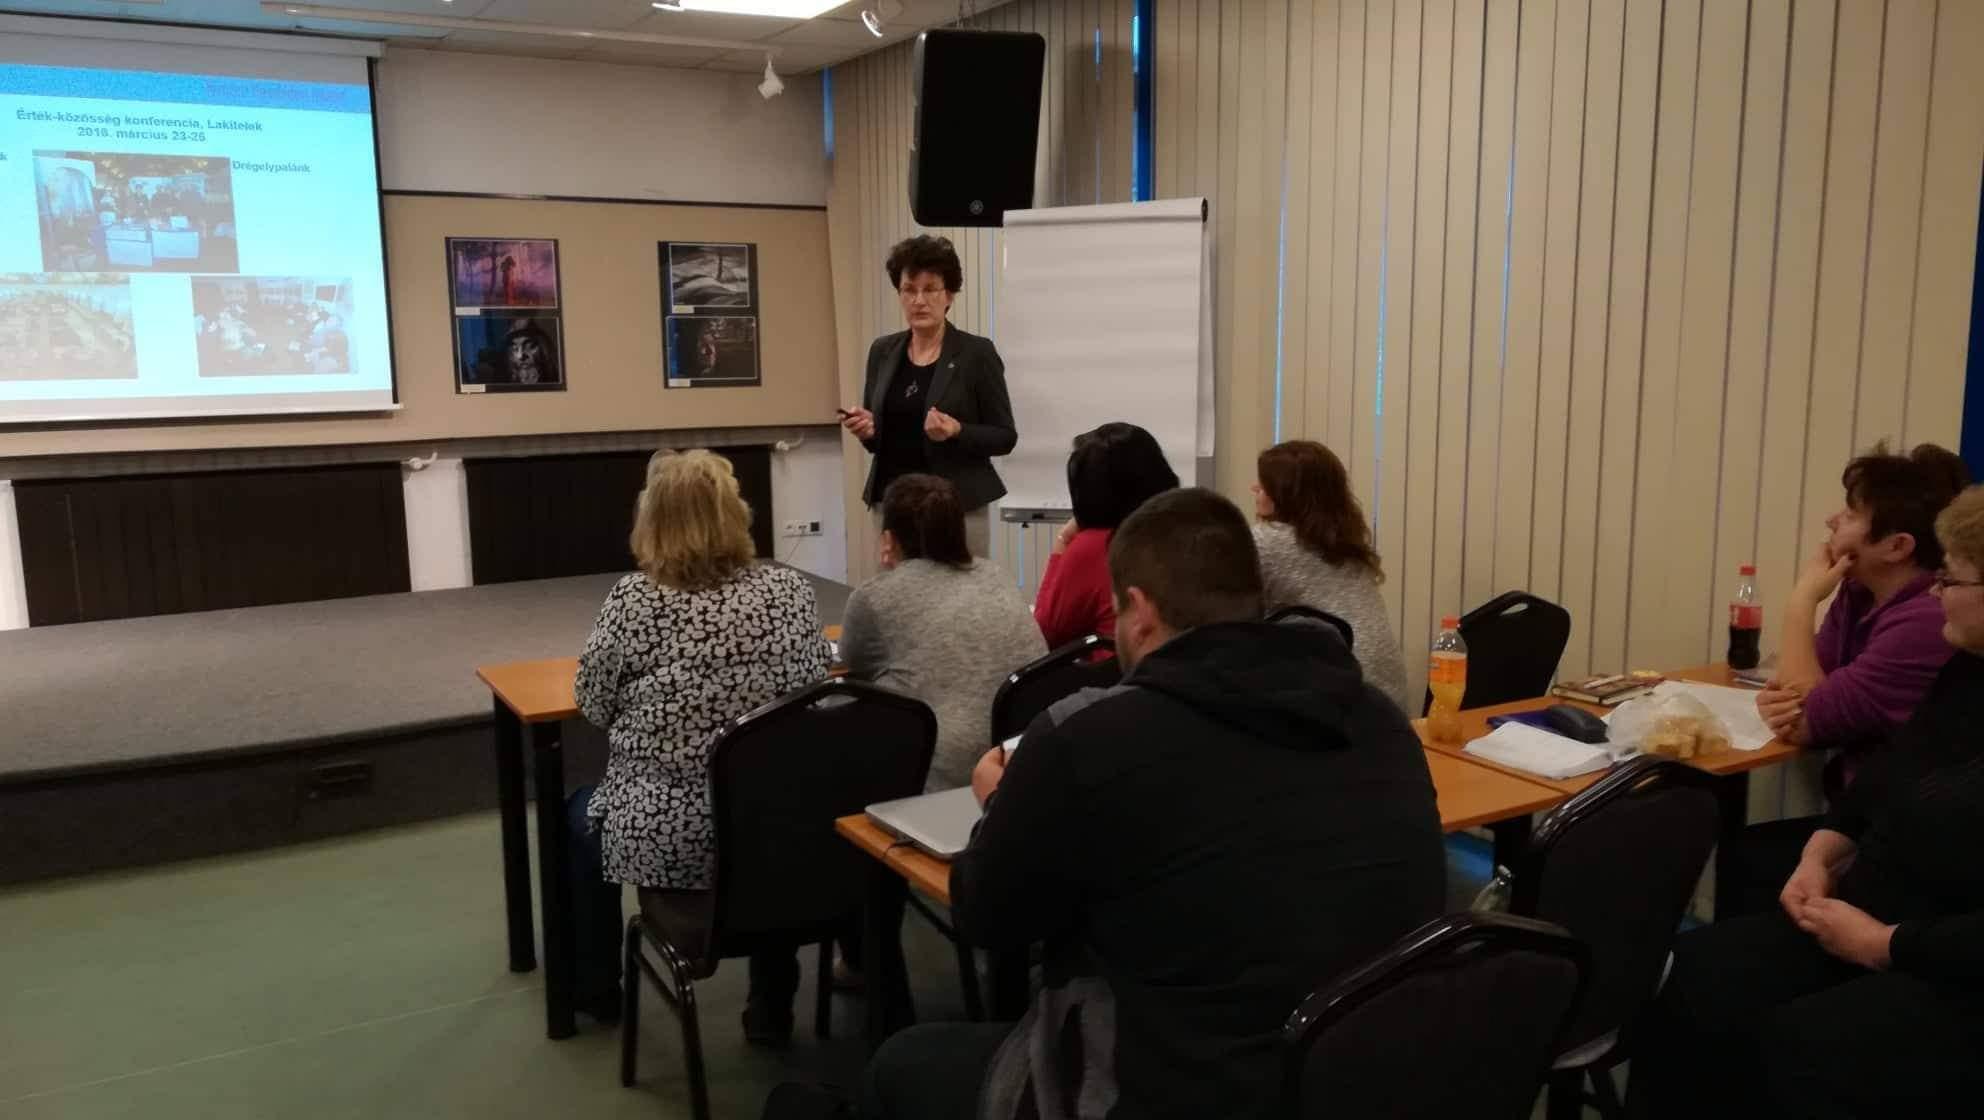 Útjára indult a közös szakmai tervezés és gondolkodás Nógrád Megyében